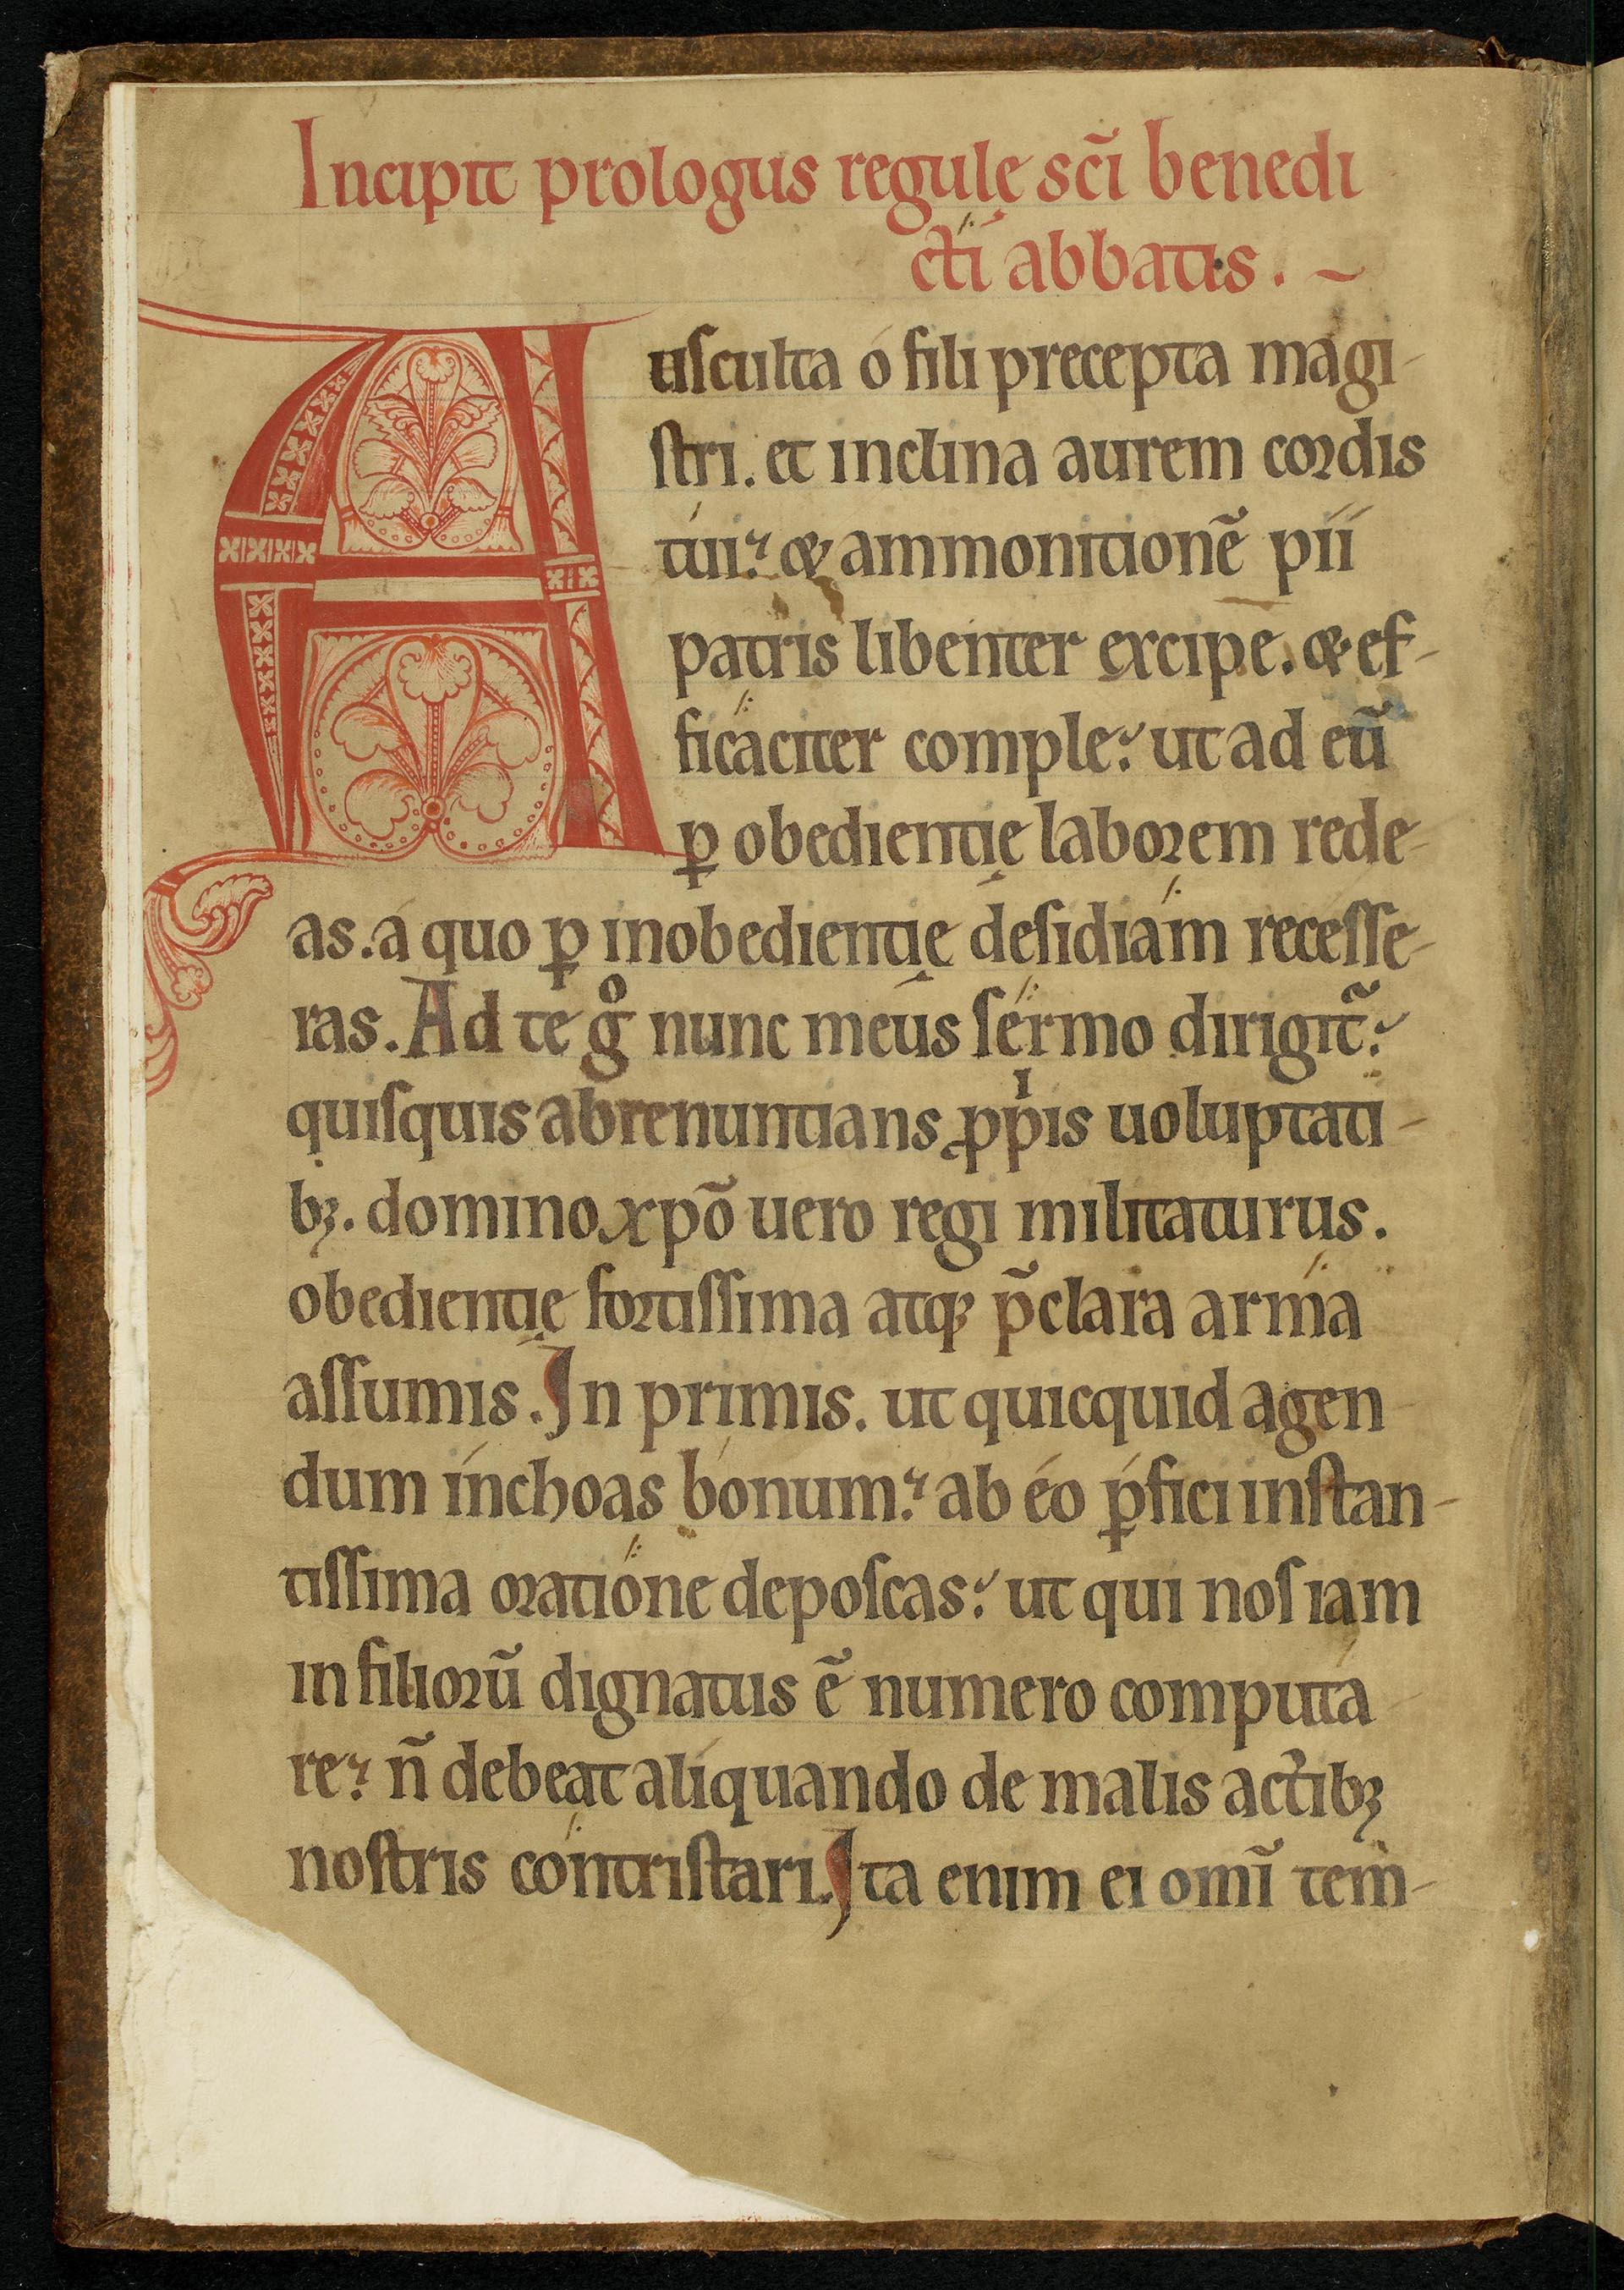 Manuscrit de la Règle de Saint Benoît